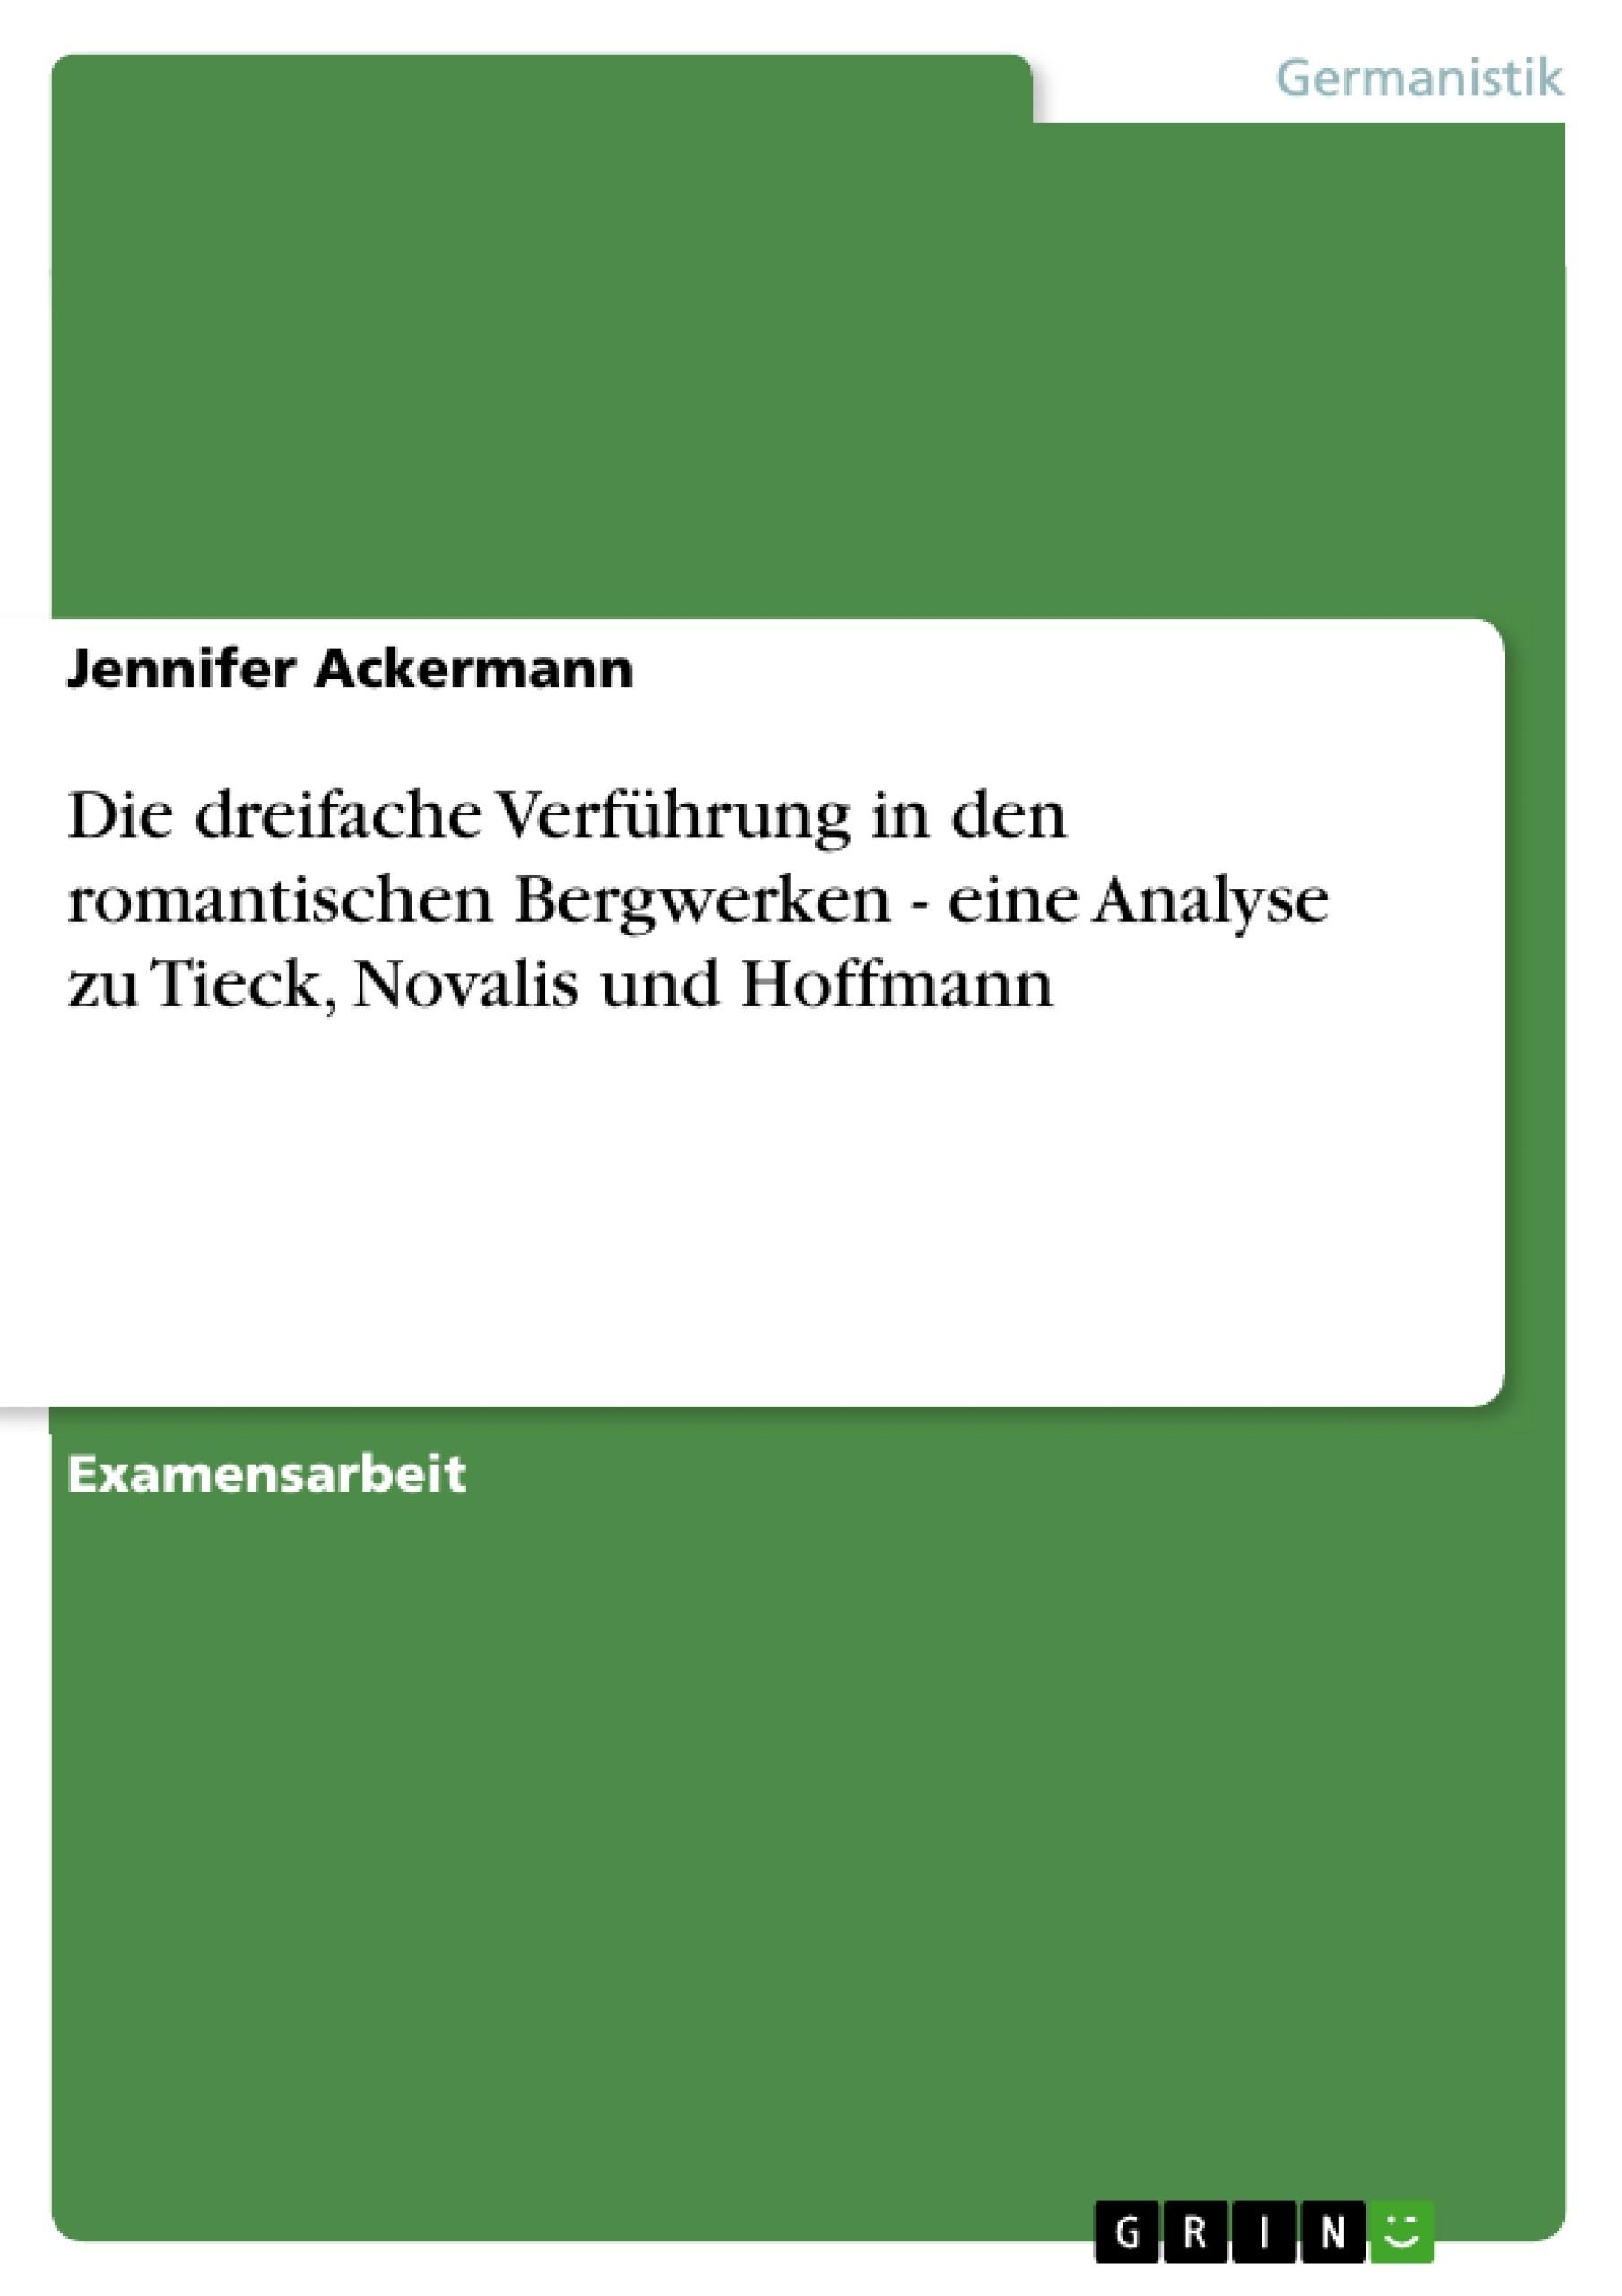 Titel: Die dreifache Verführung in den romantischen Bergwerken - eine Analyse zu Tieck, Novalis und Hoffmann